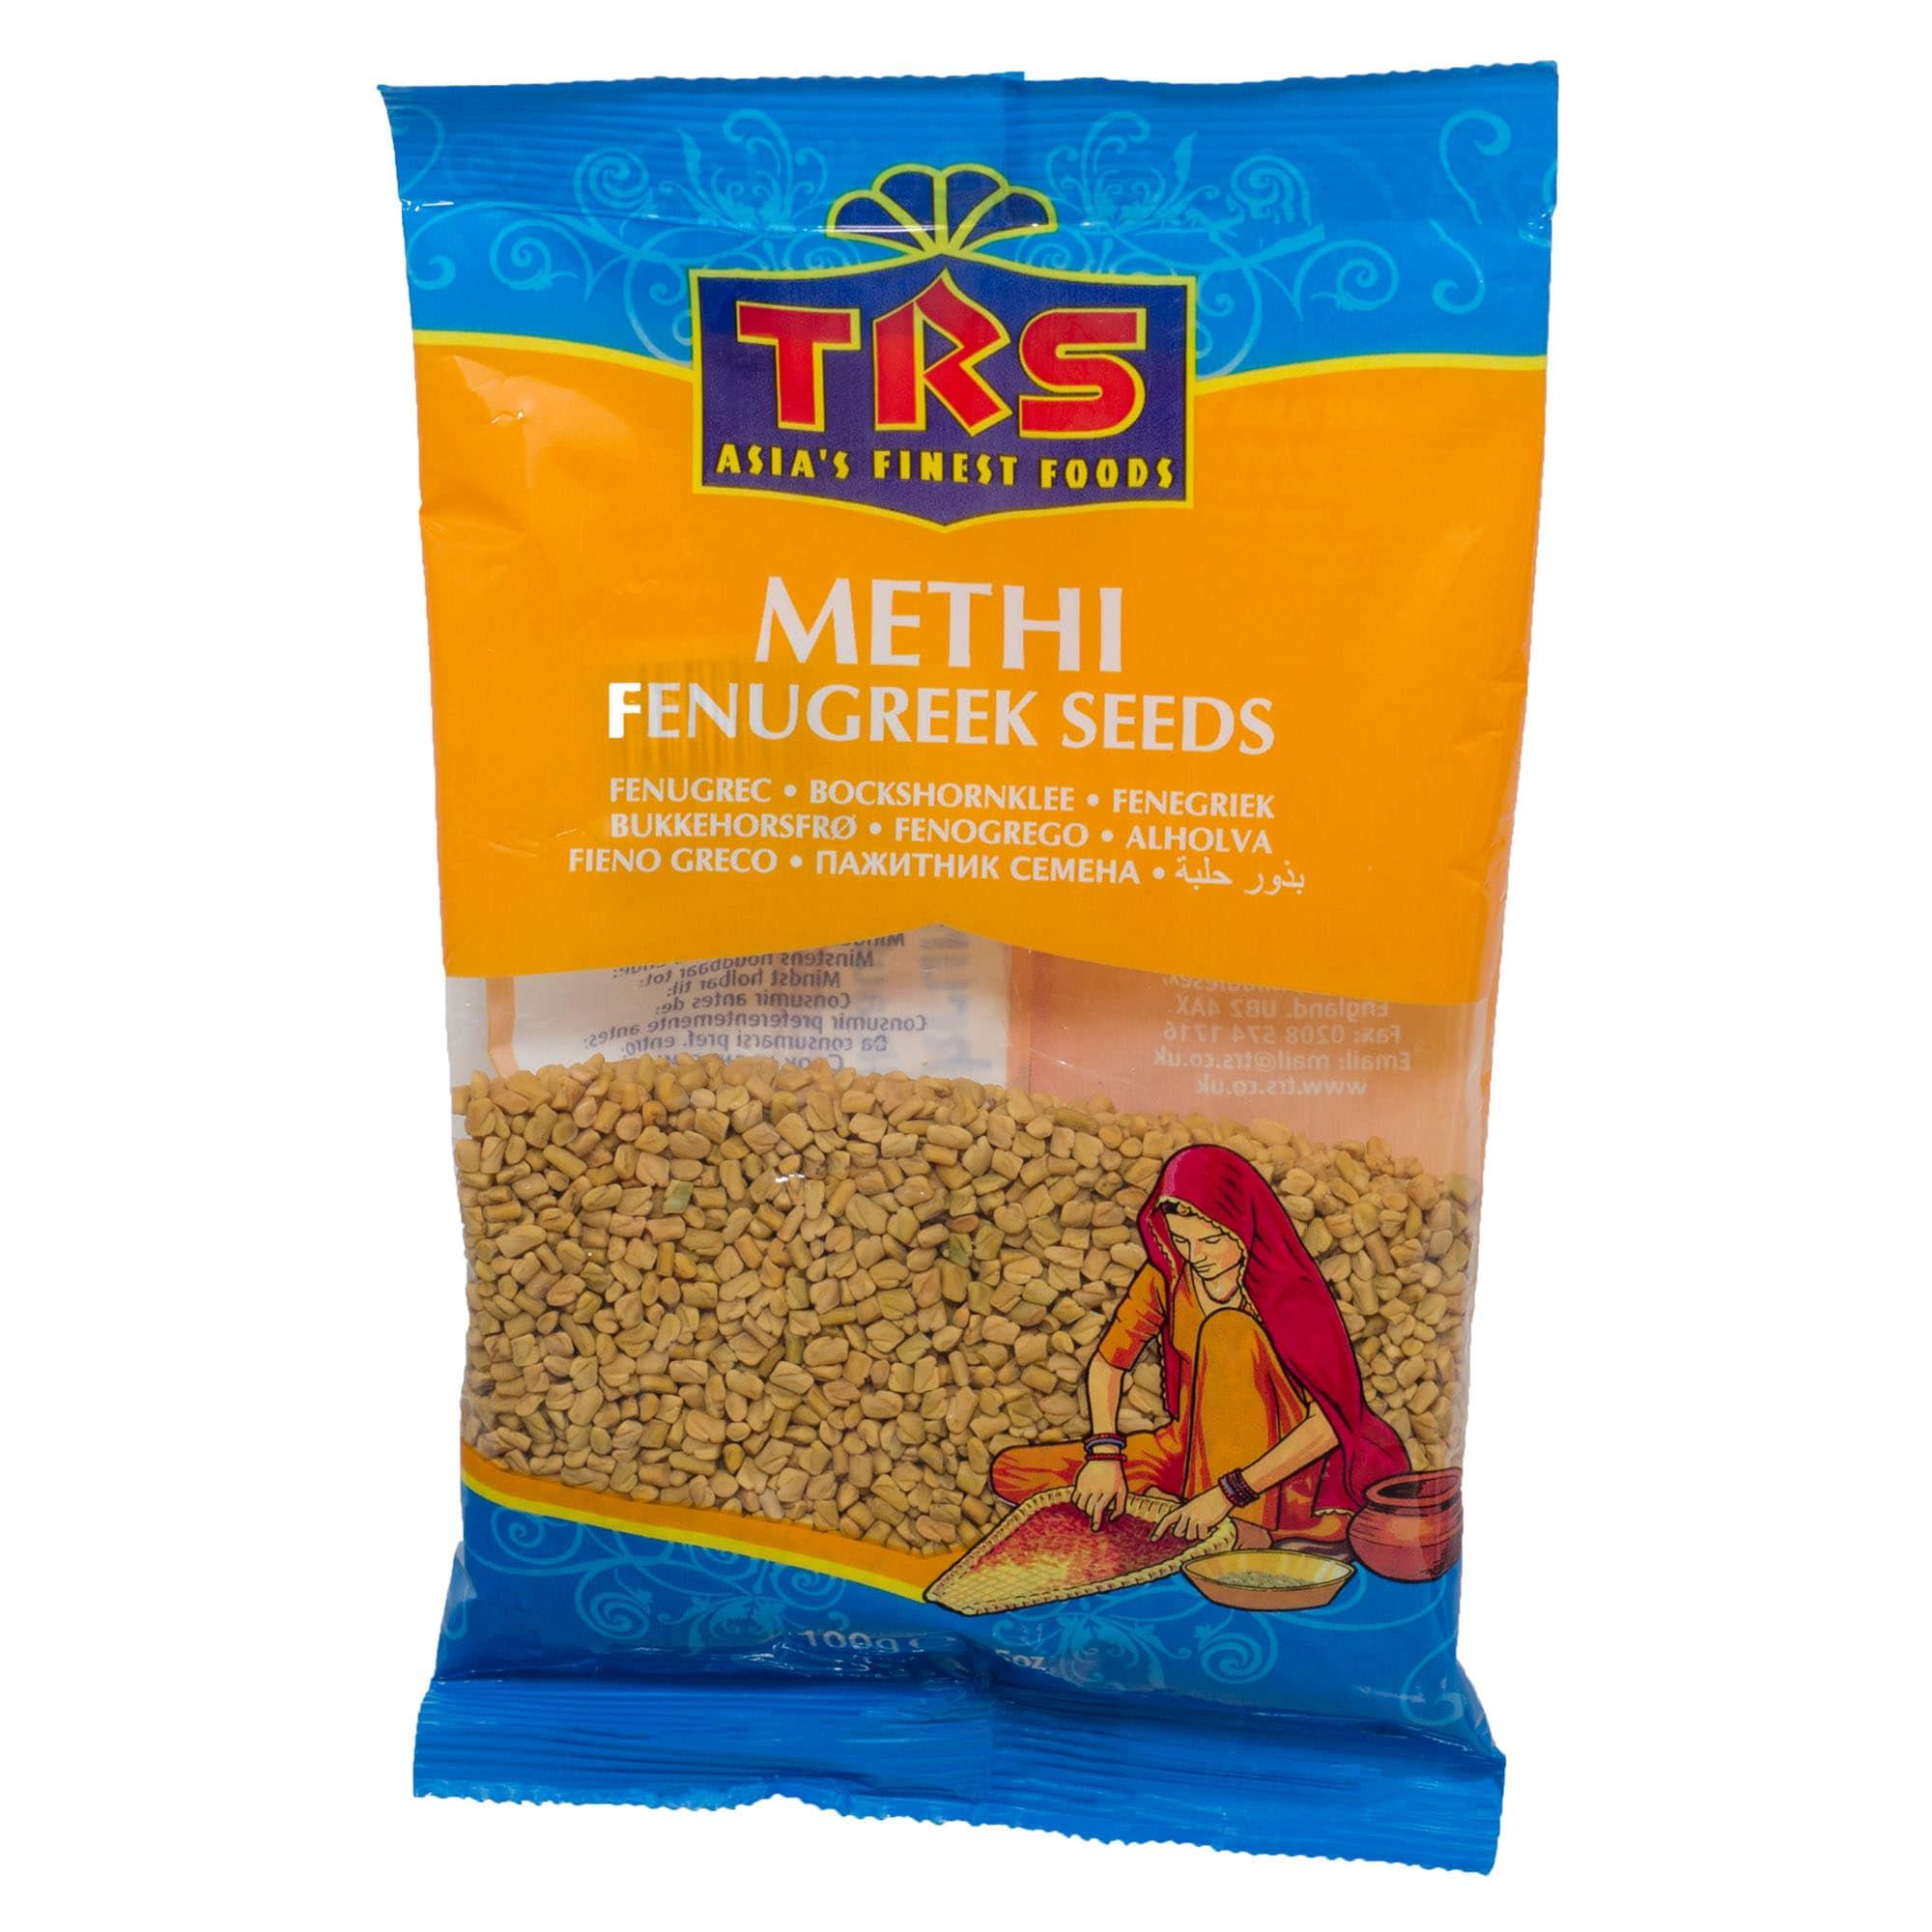 TRS Methi Fenugreek Seeds Bockshornklee 100g